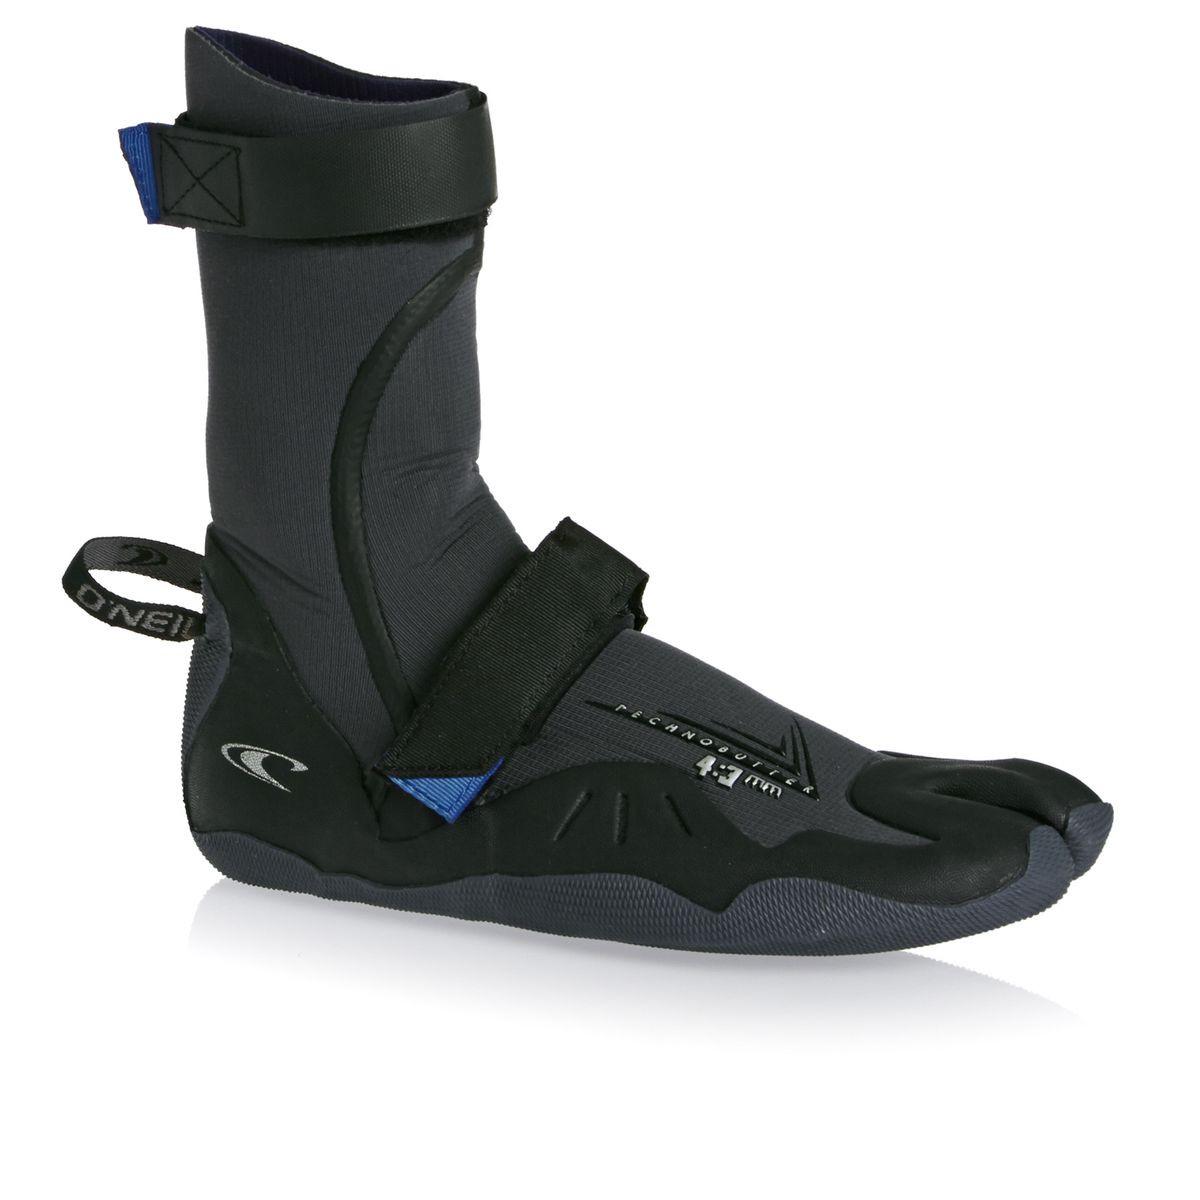 O'Neill Psycho 4/3mm Split Toe Wetsuit Boots - Black